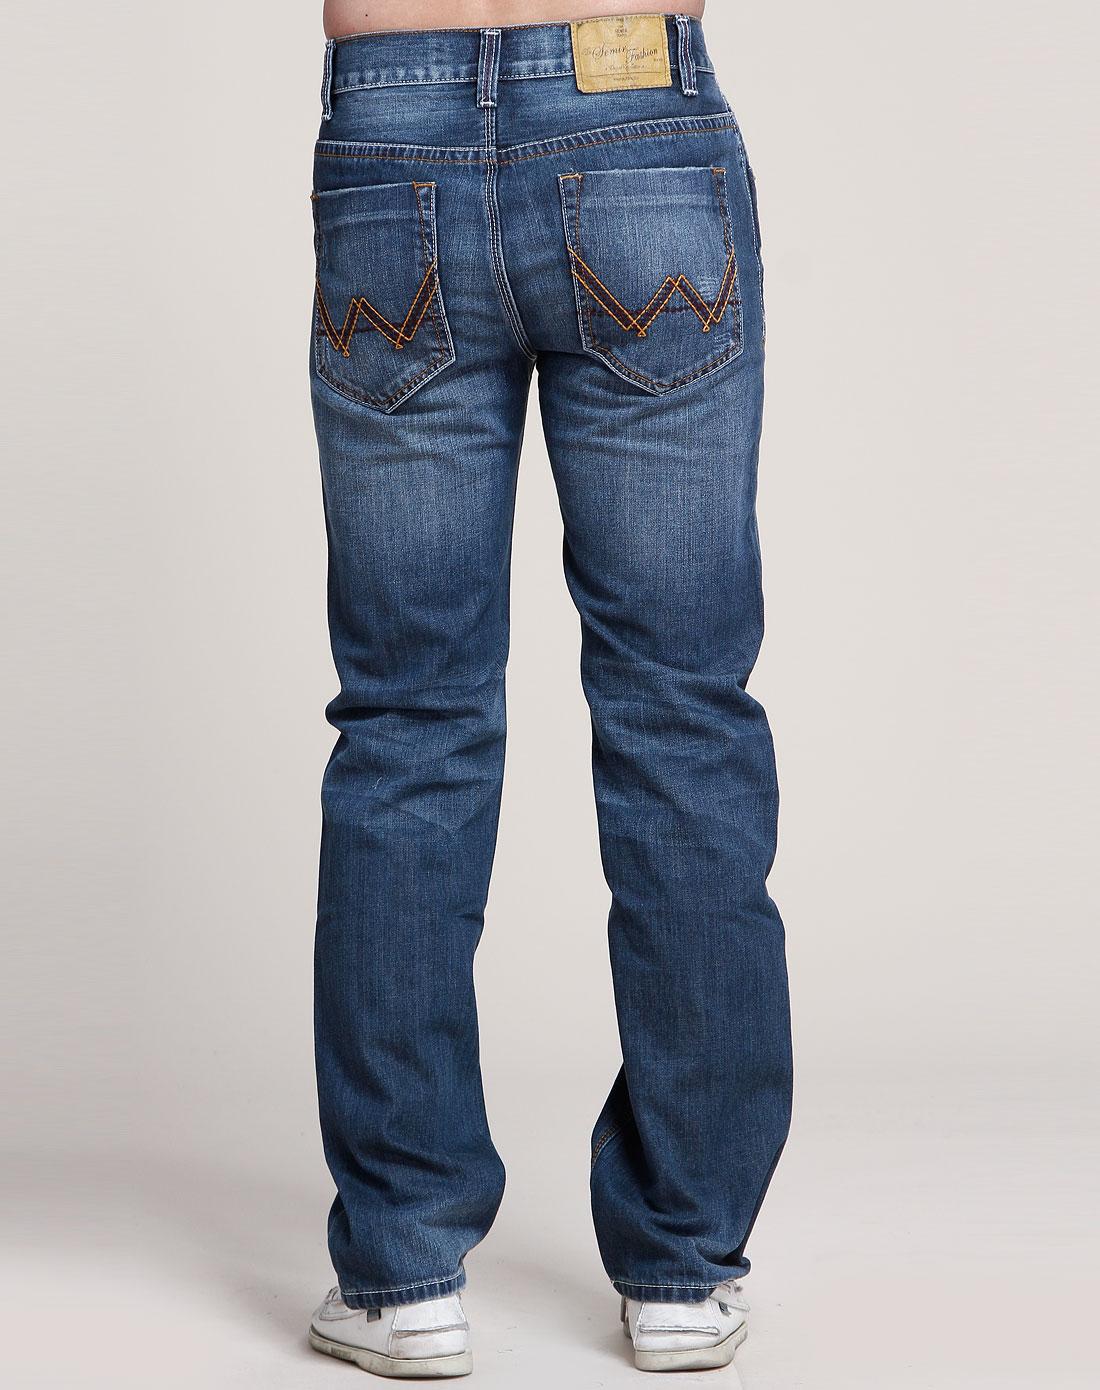 森马-男装牛仔蓝牛仔长裤图片